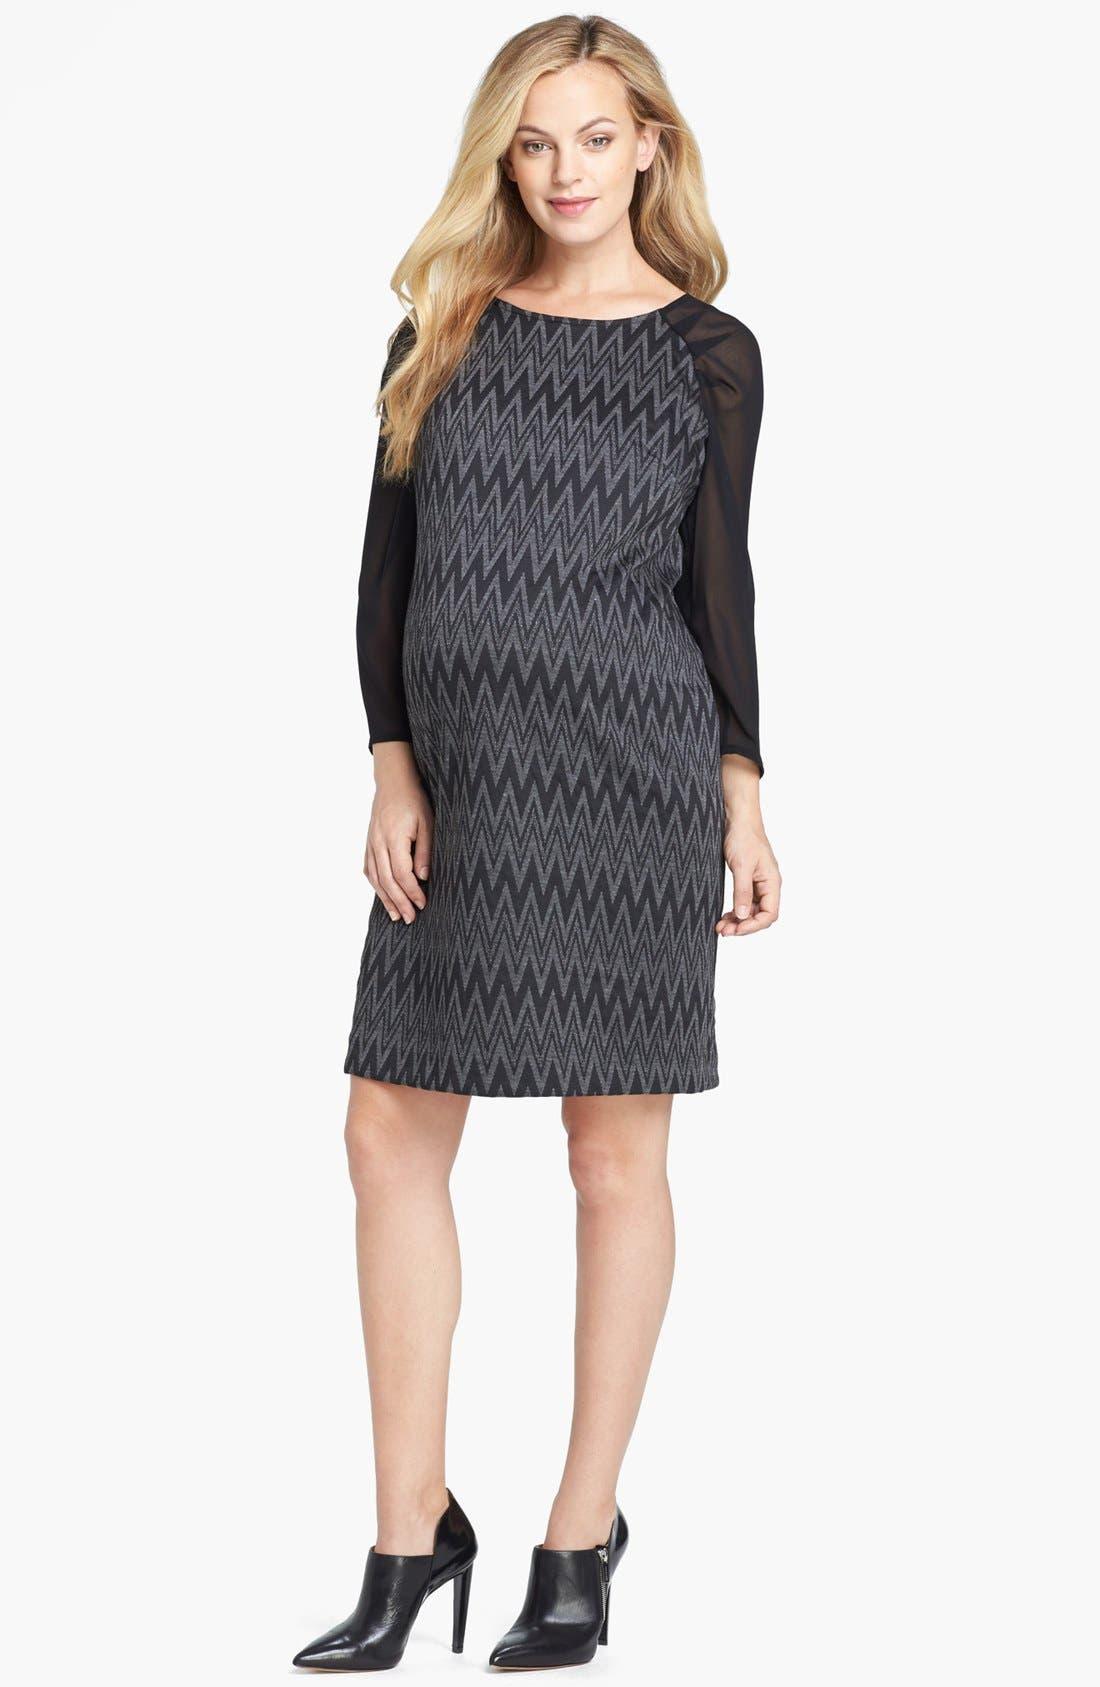 Chiffon Sleeve Maternity Dress,                         Main,                         color, BLACK/ GREY ZIG ZAG